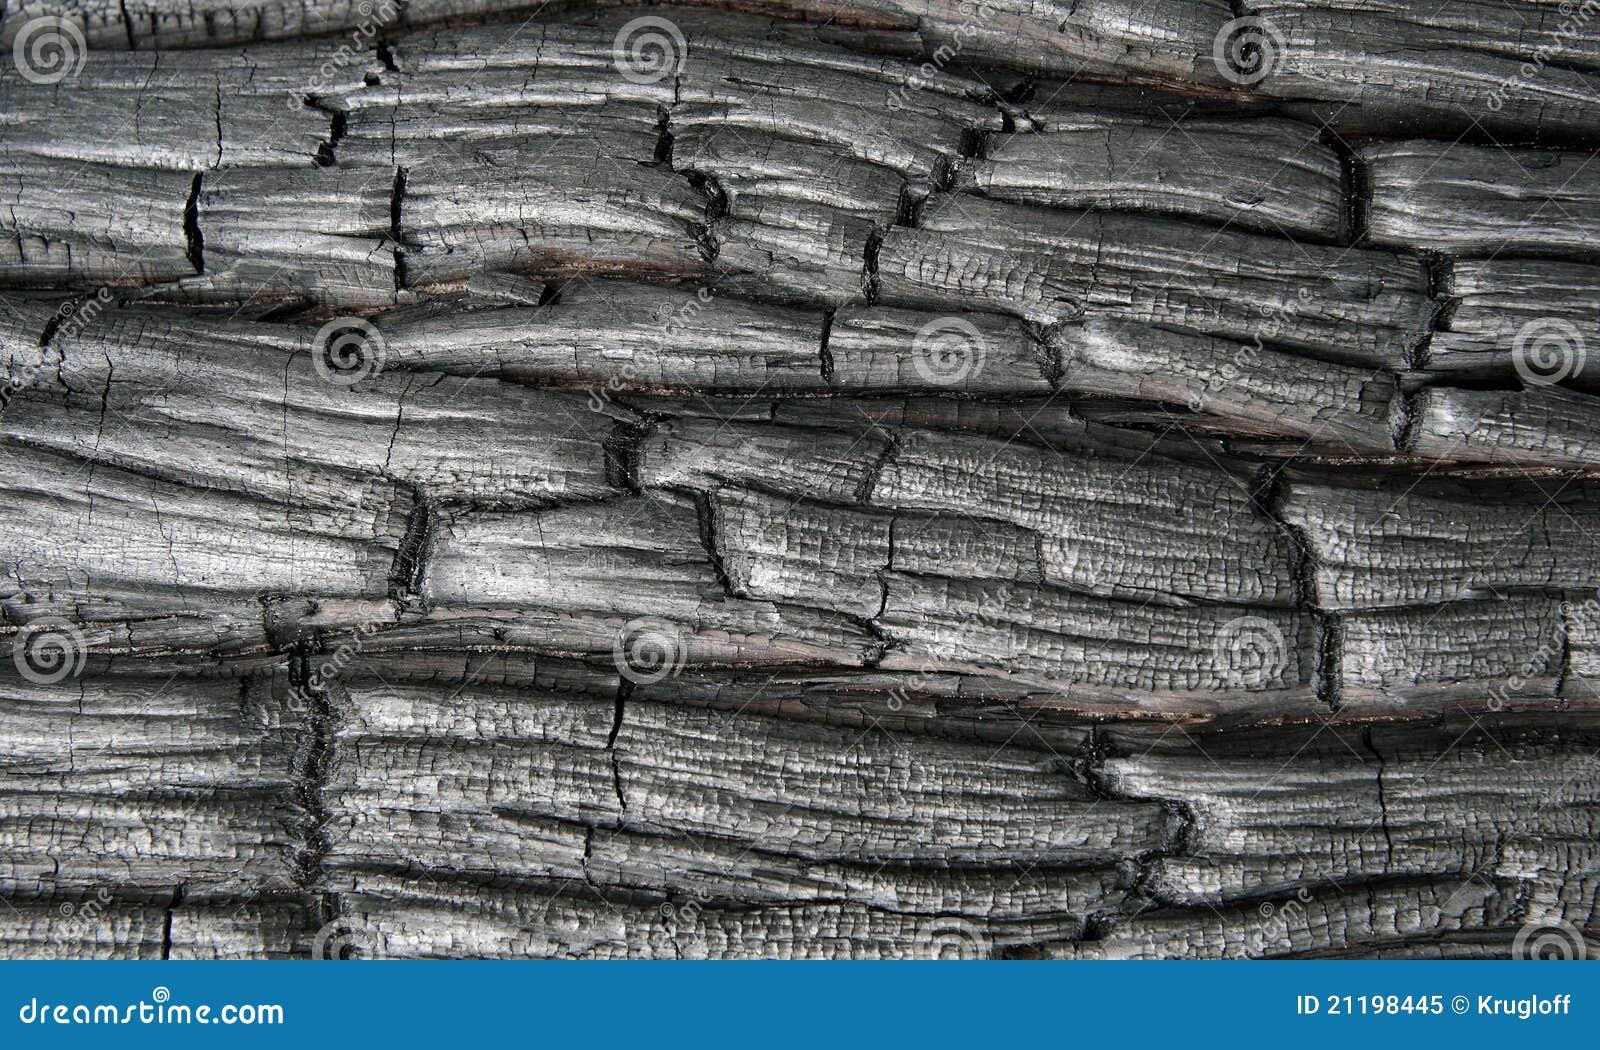 Charred wood, background